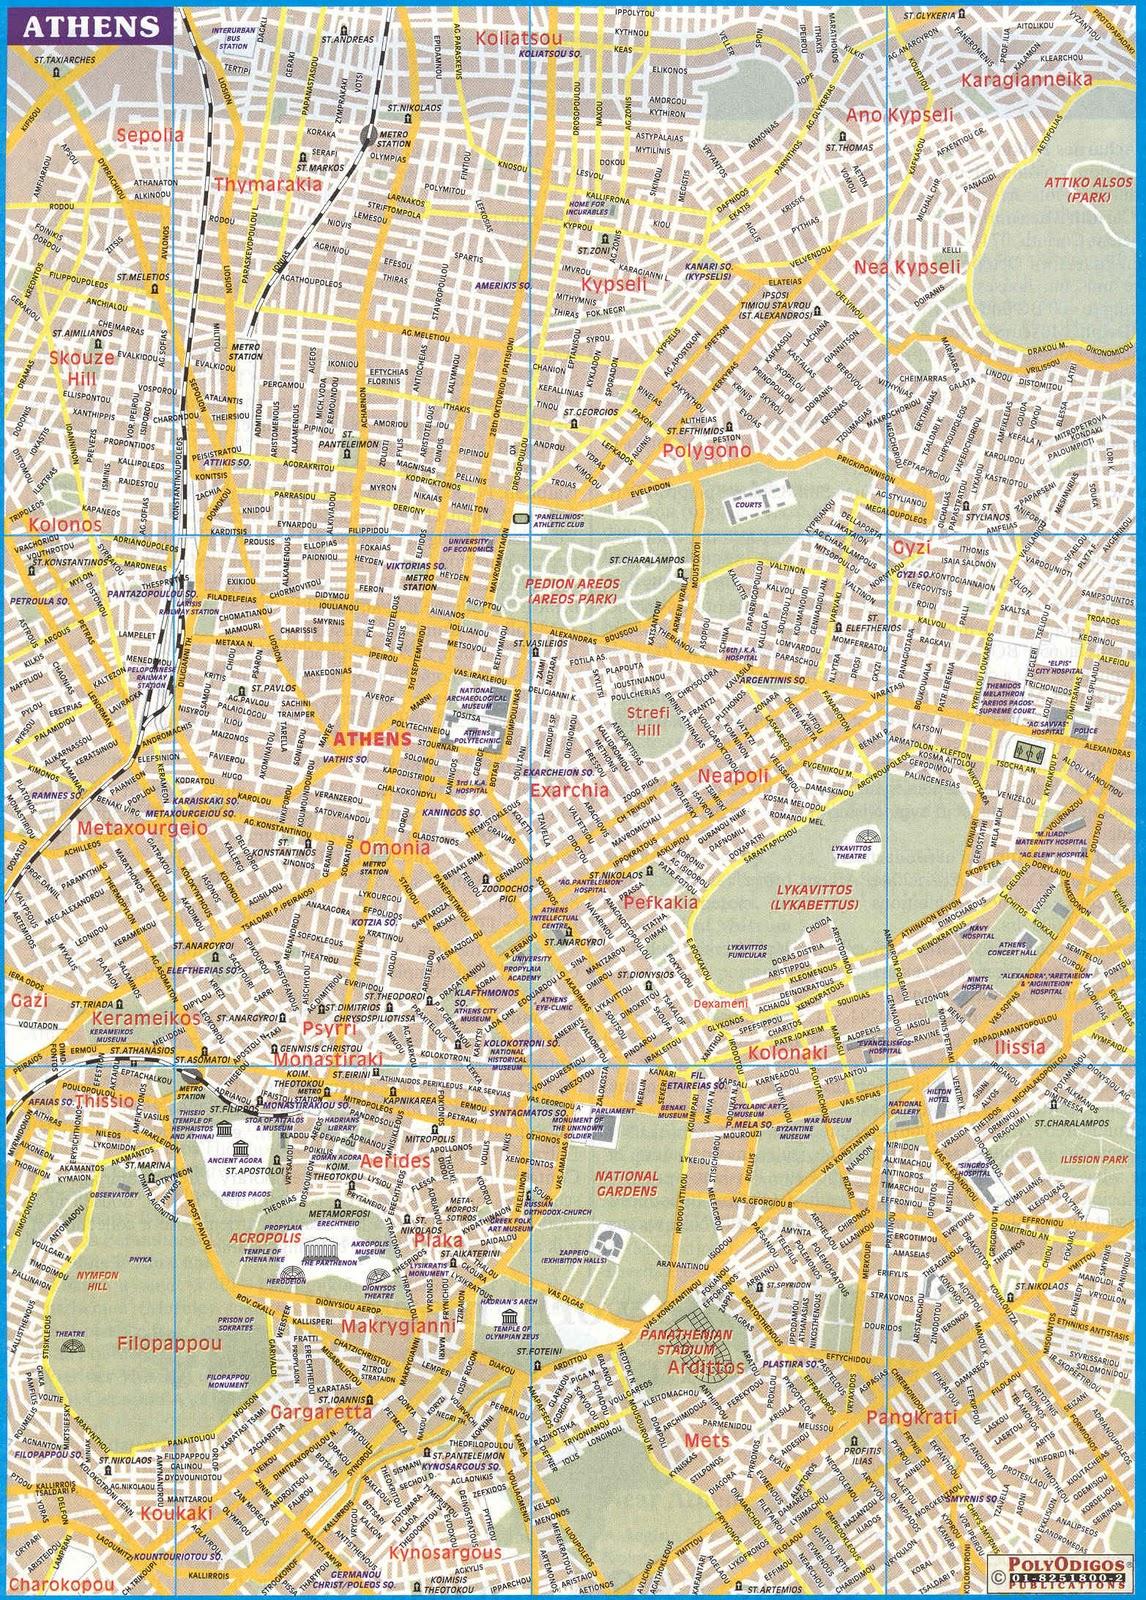 MAPS OF GREECE: MAP OF CITIES OF GREECE, PLAN DE VILLES DE